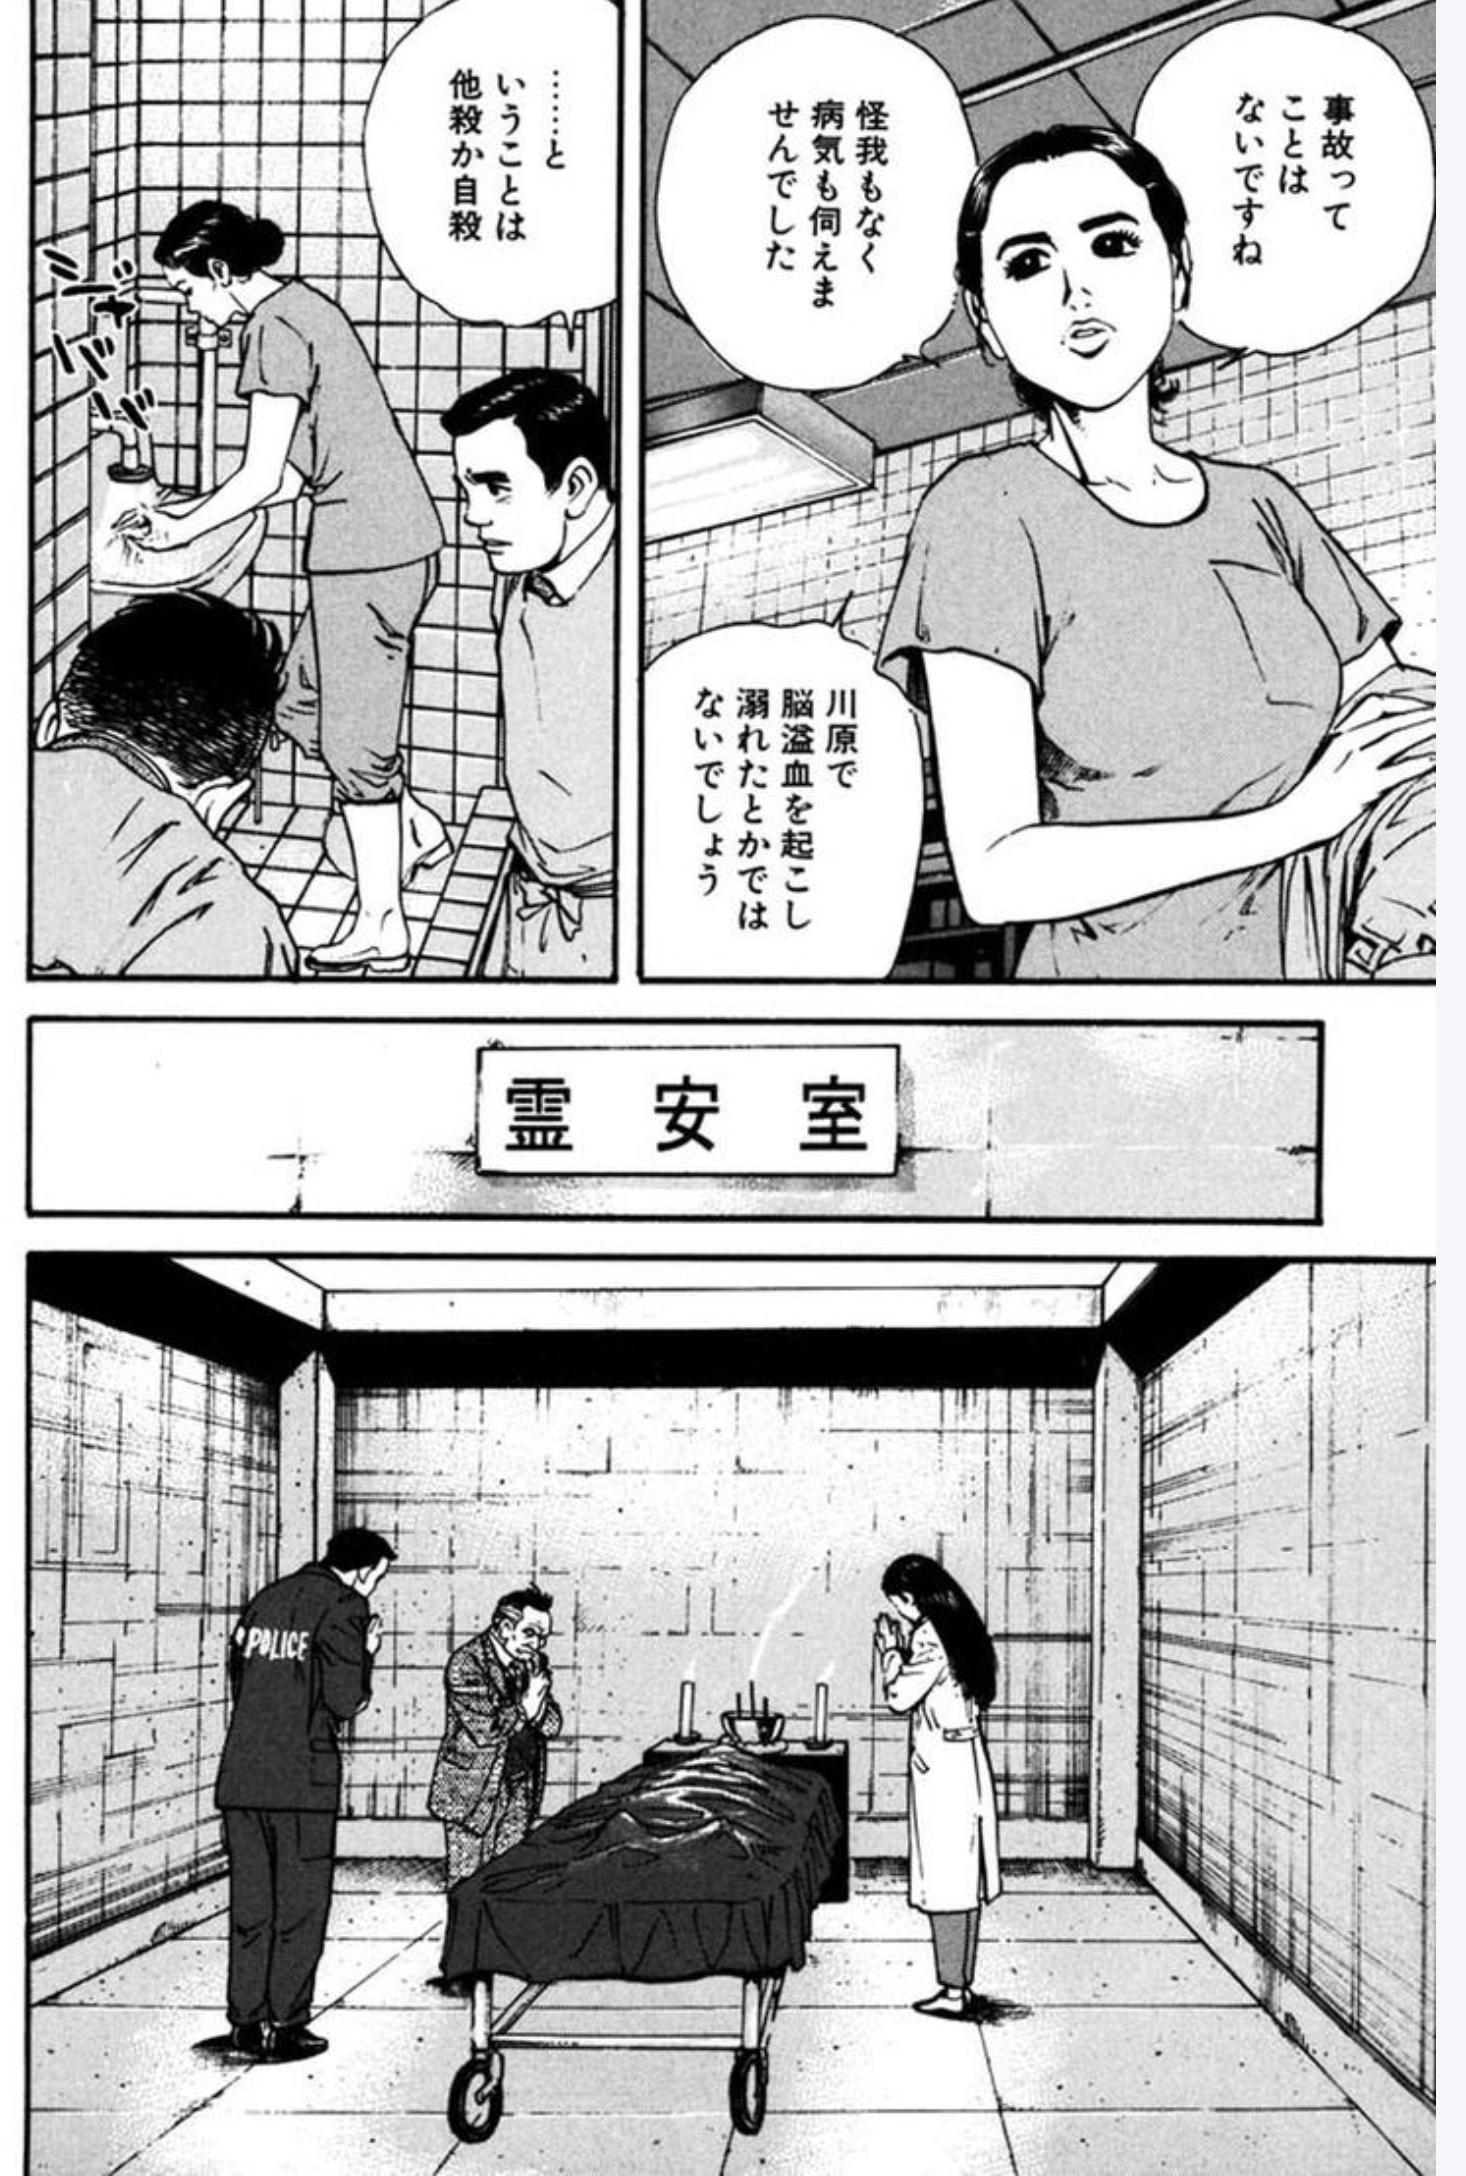 漫画『監察医朝顔』の見所:監察医の仕事がよく分かる!